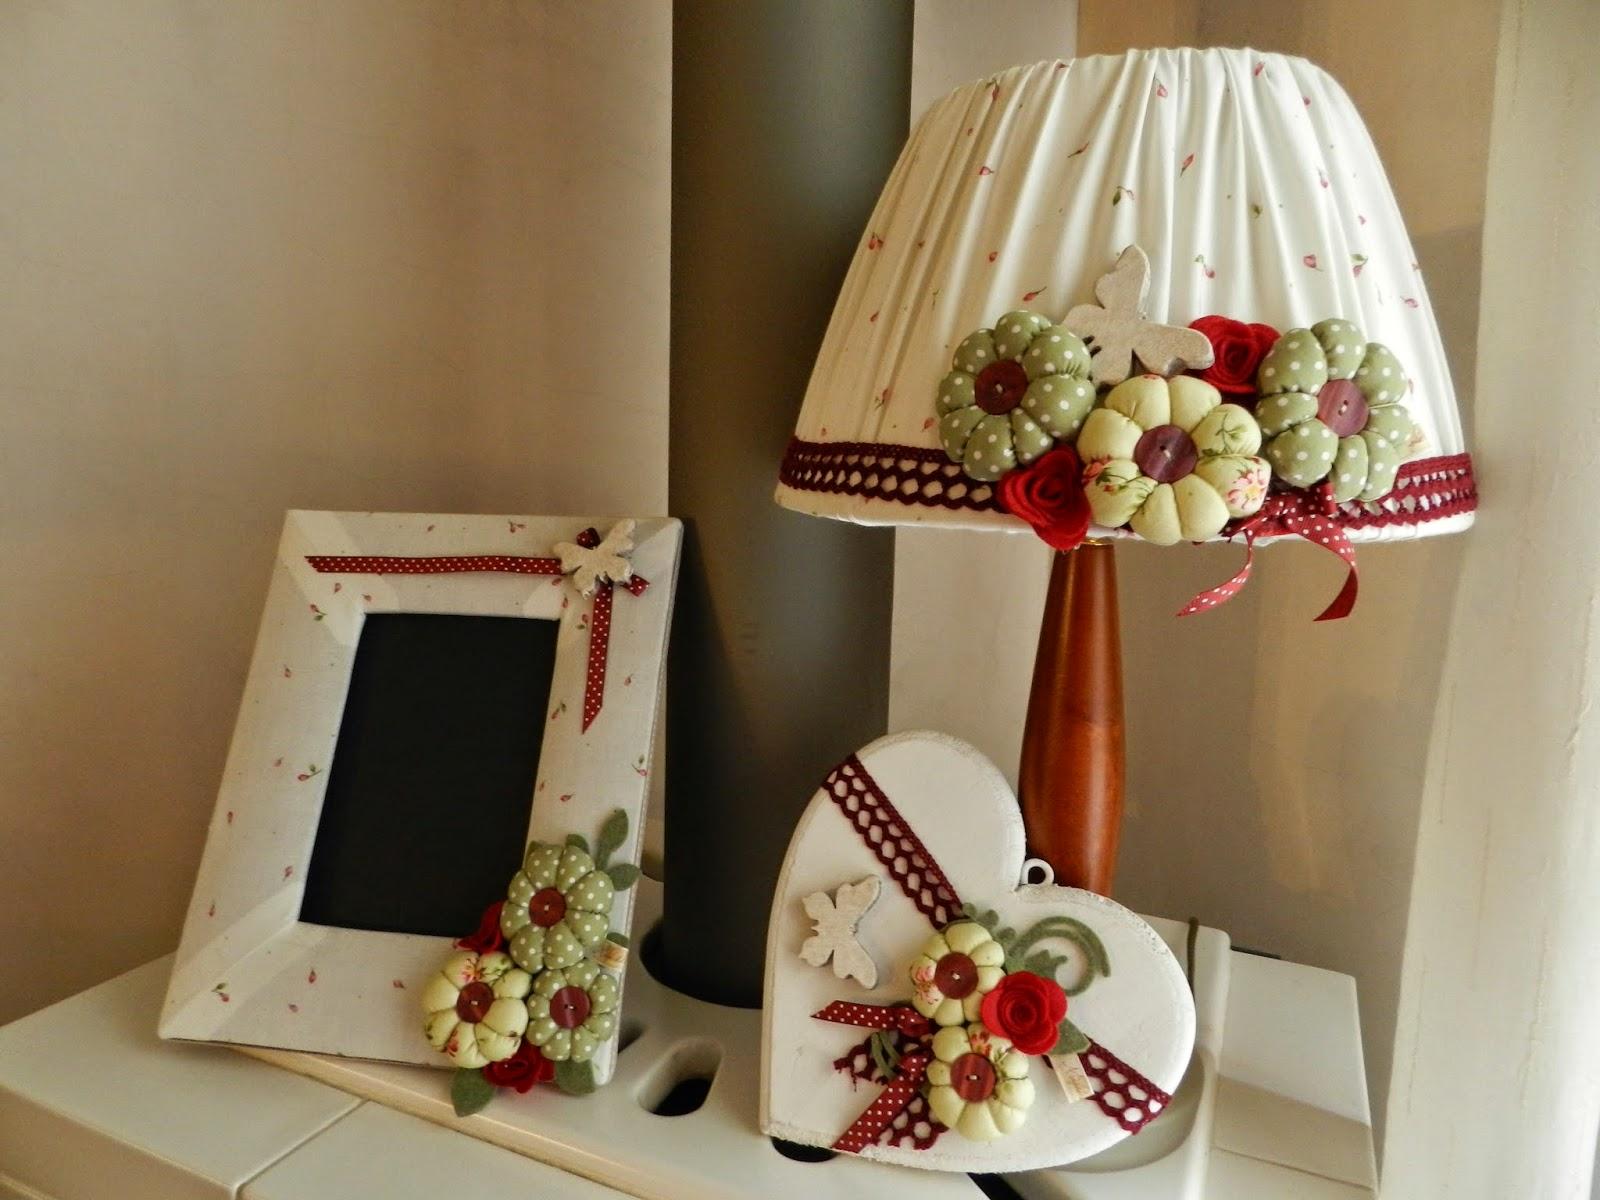 progetto per arredare la vostra casa .....lampada rivestita in tessuto ...